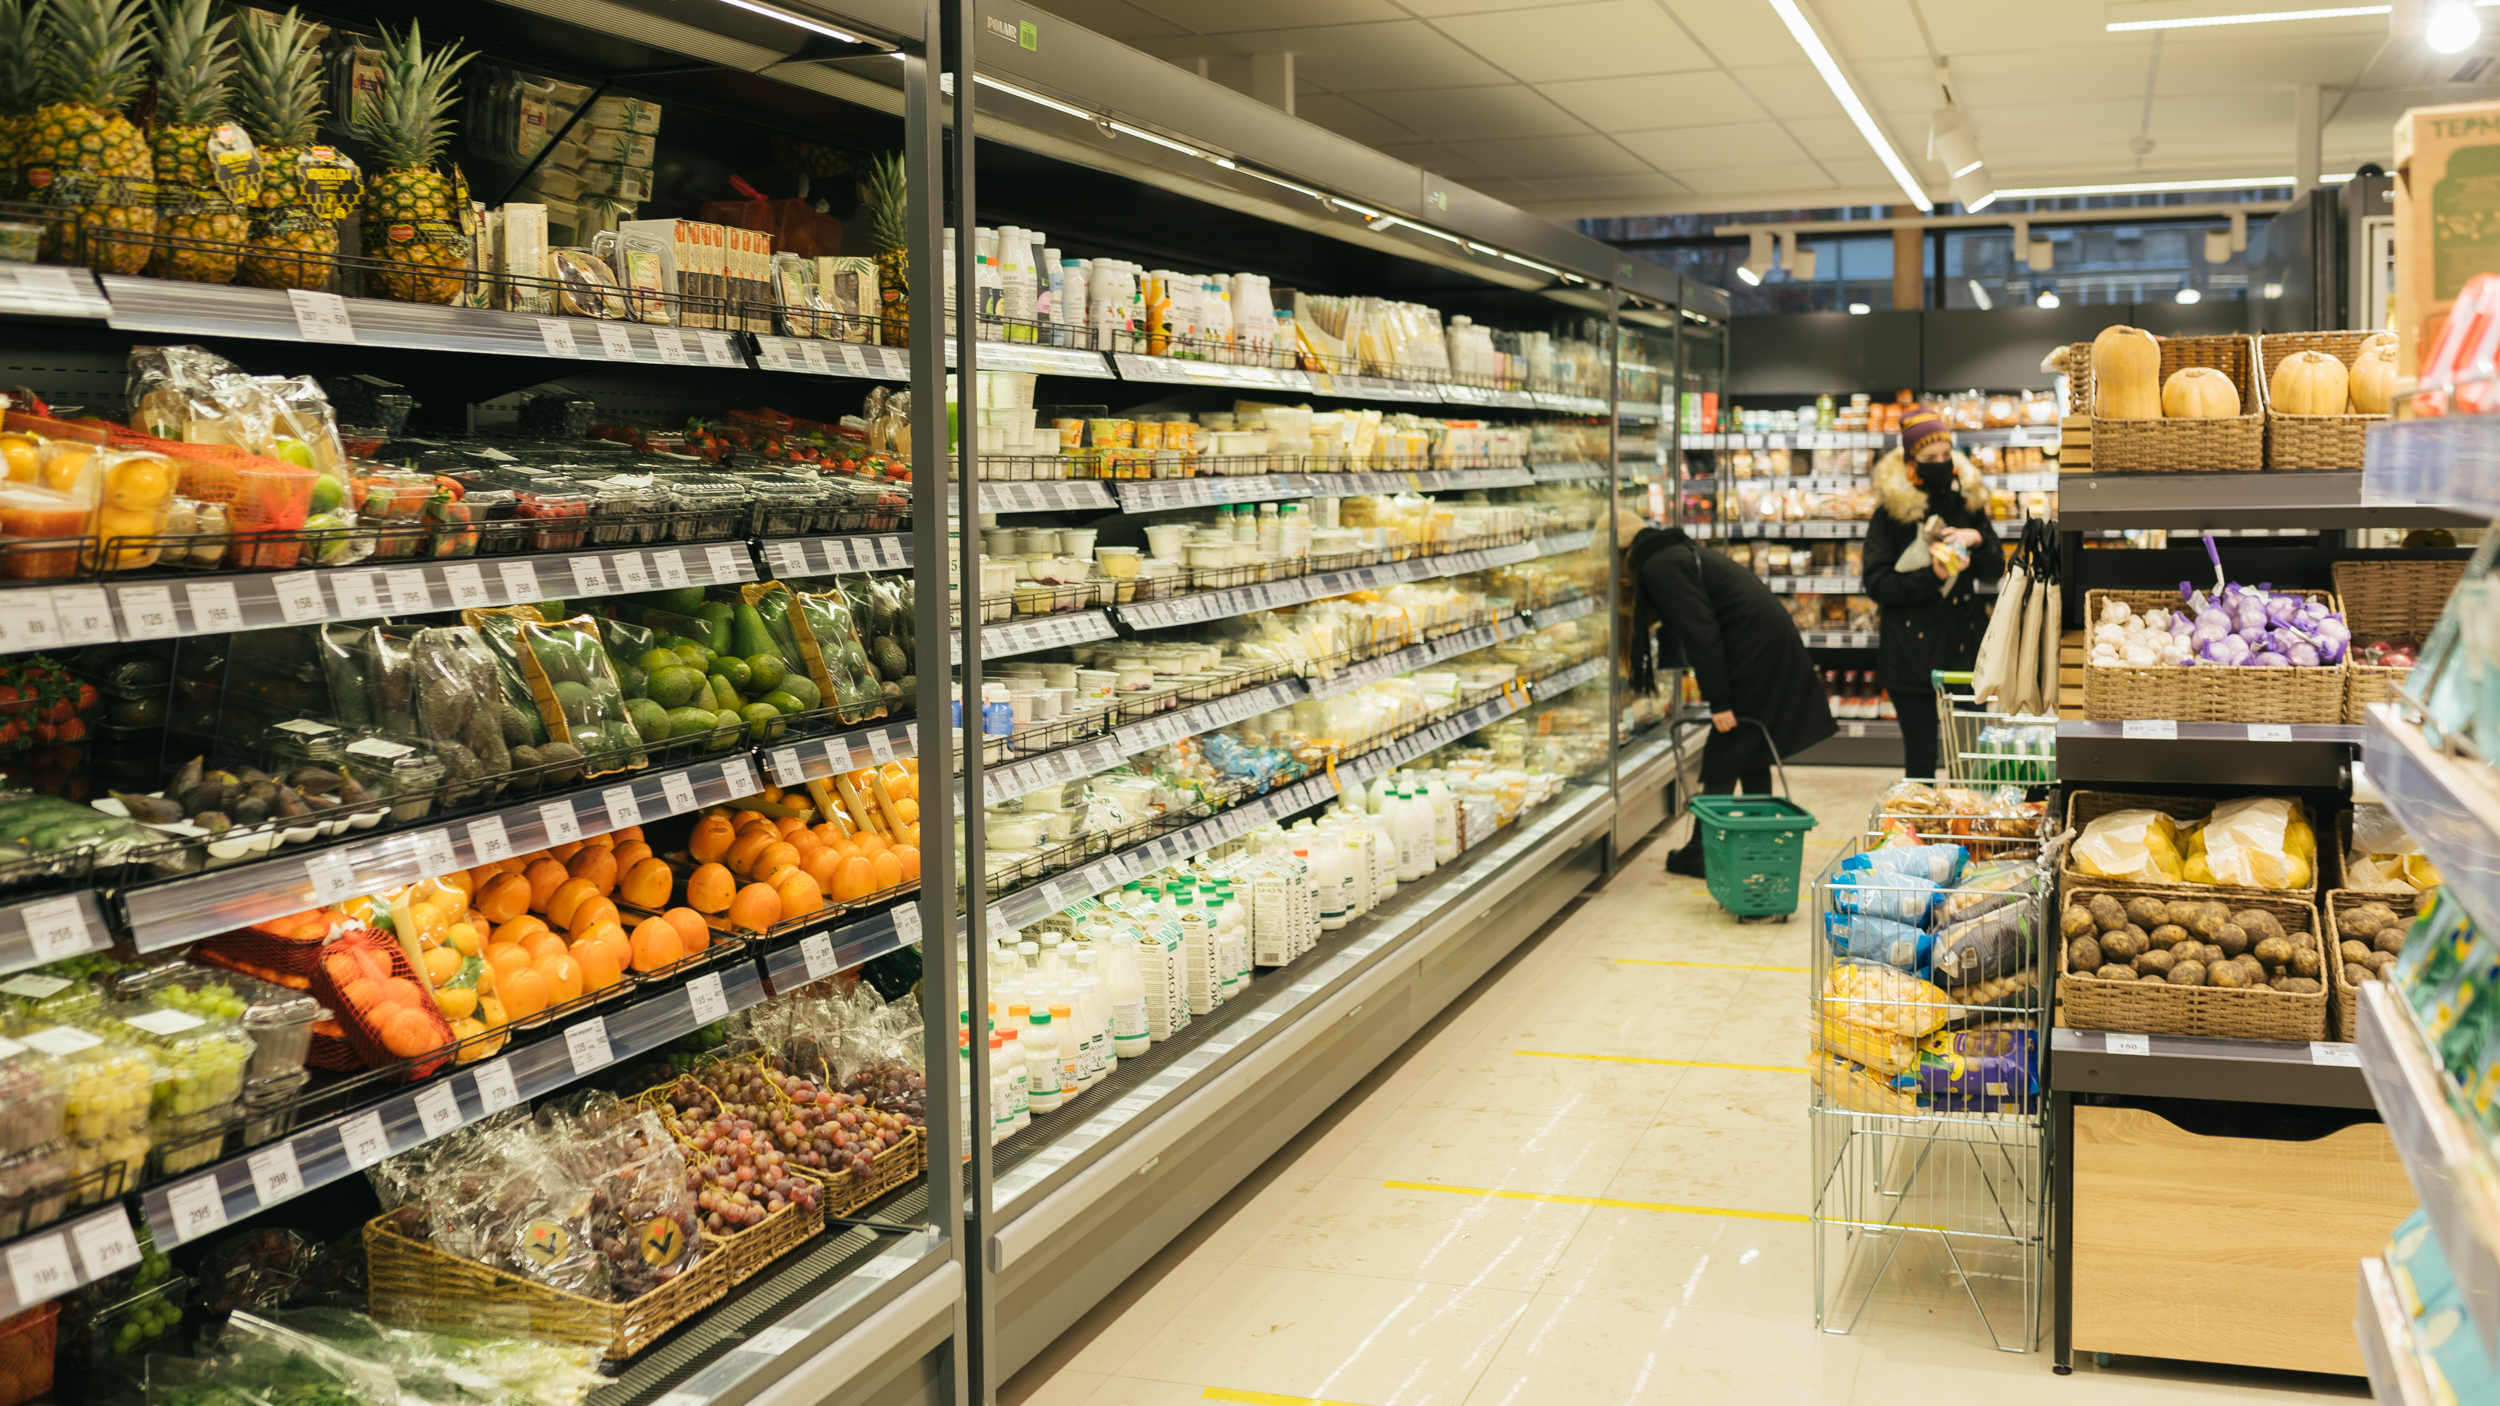 От фруктов до детского питания — на полках найдутся все необходимые продукты на каждый день